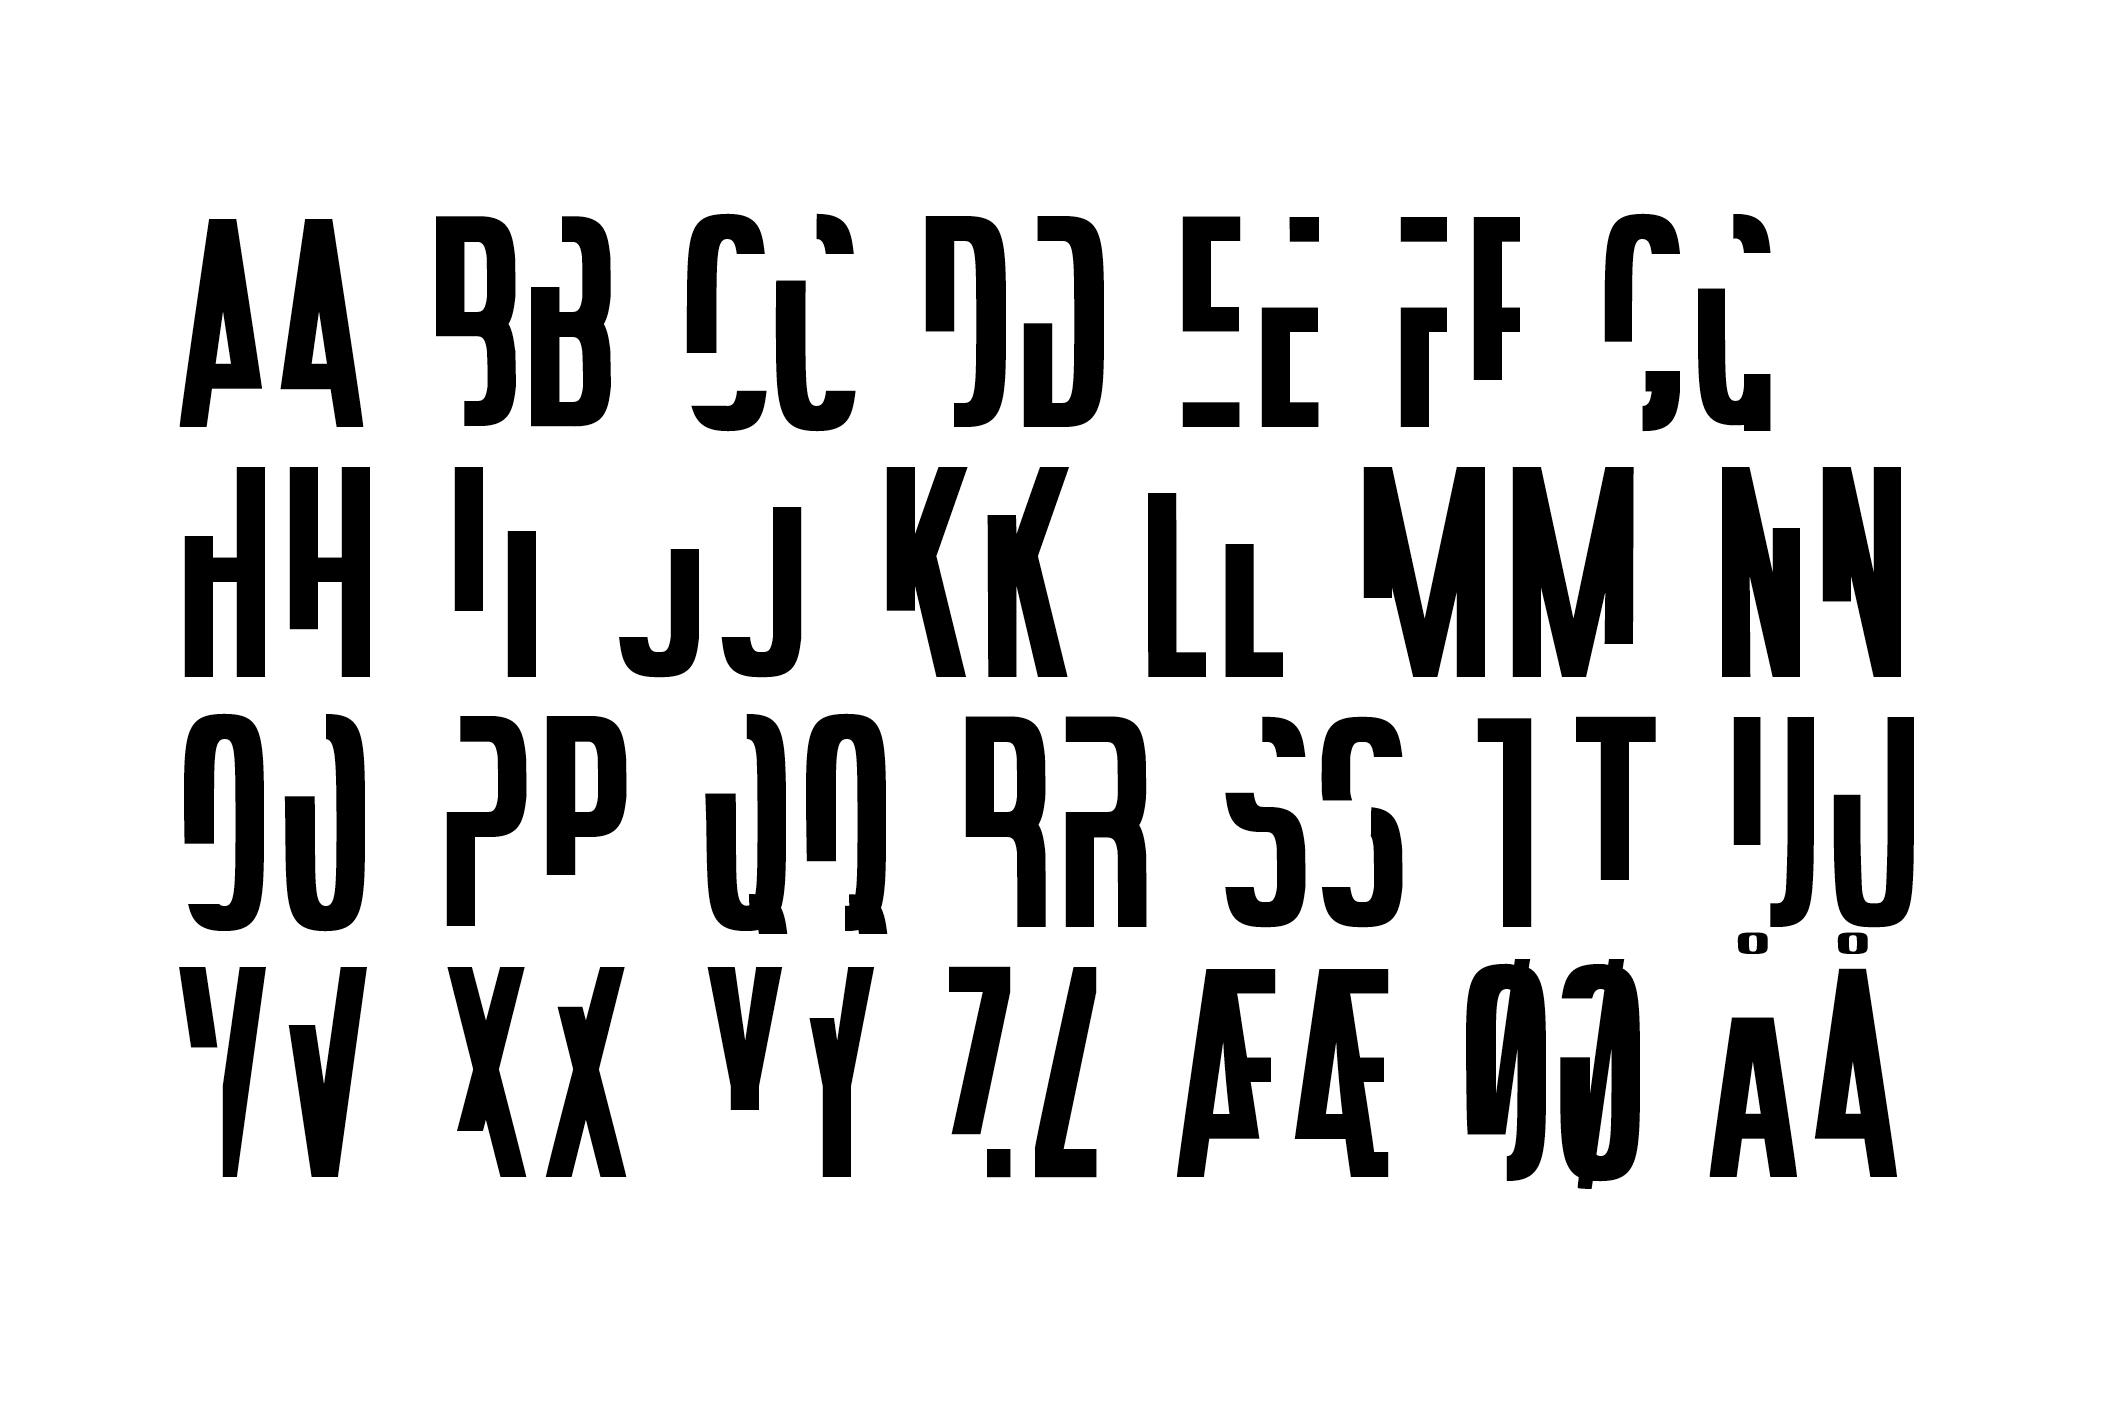 Mont-wierd-alfabet2